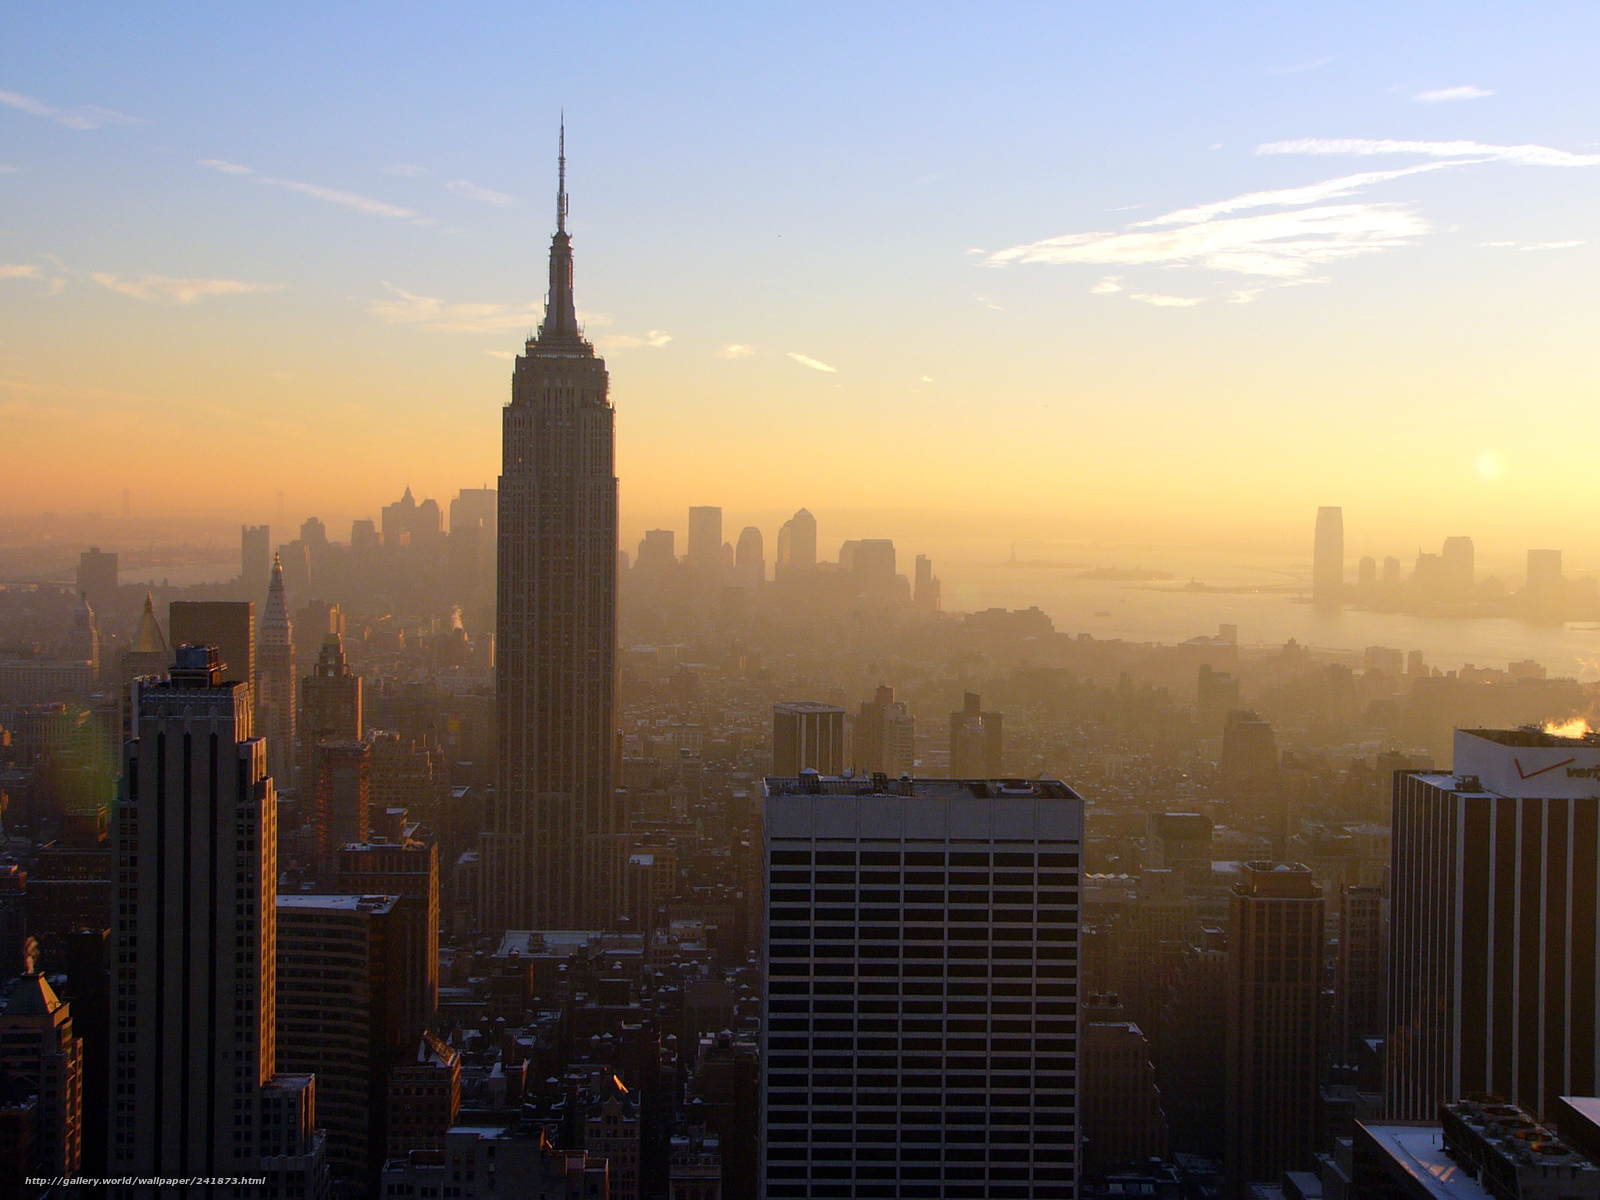 Tlcharger Fond d'ecran panorama,  Ville,  New York,  la grosse pomme Fonds d'ecran gratuits pour votre rsolution du bureau 2304x1728 — image №241873